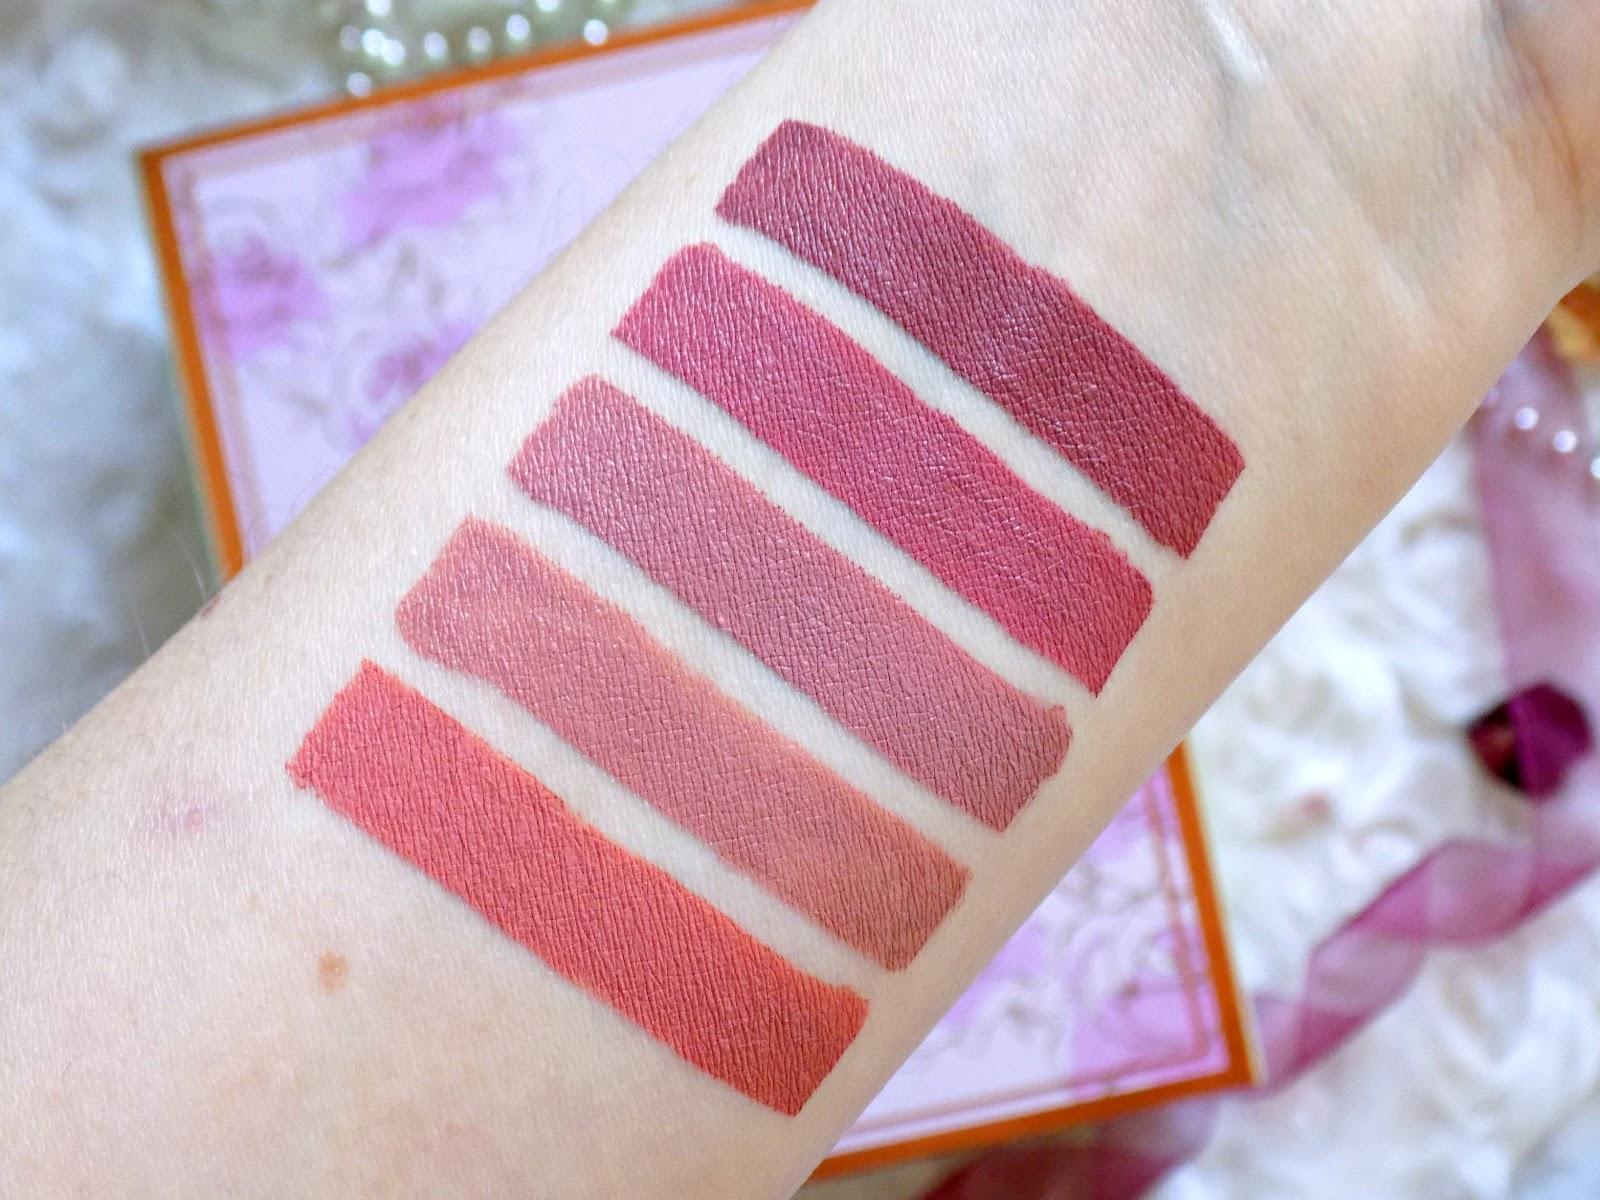 Pixi MatteLast Liquid Lip swatches